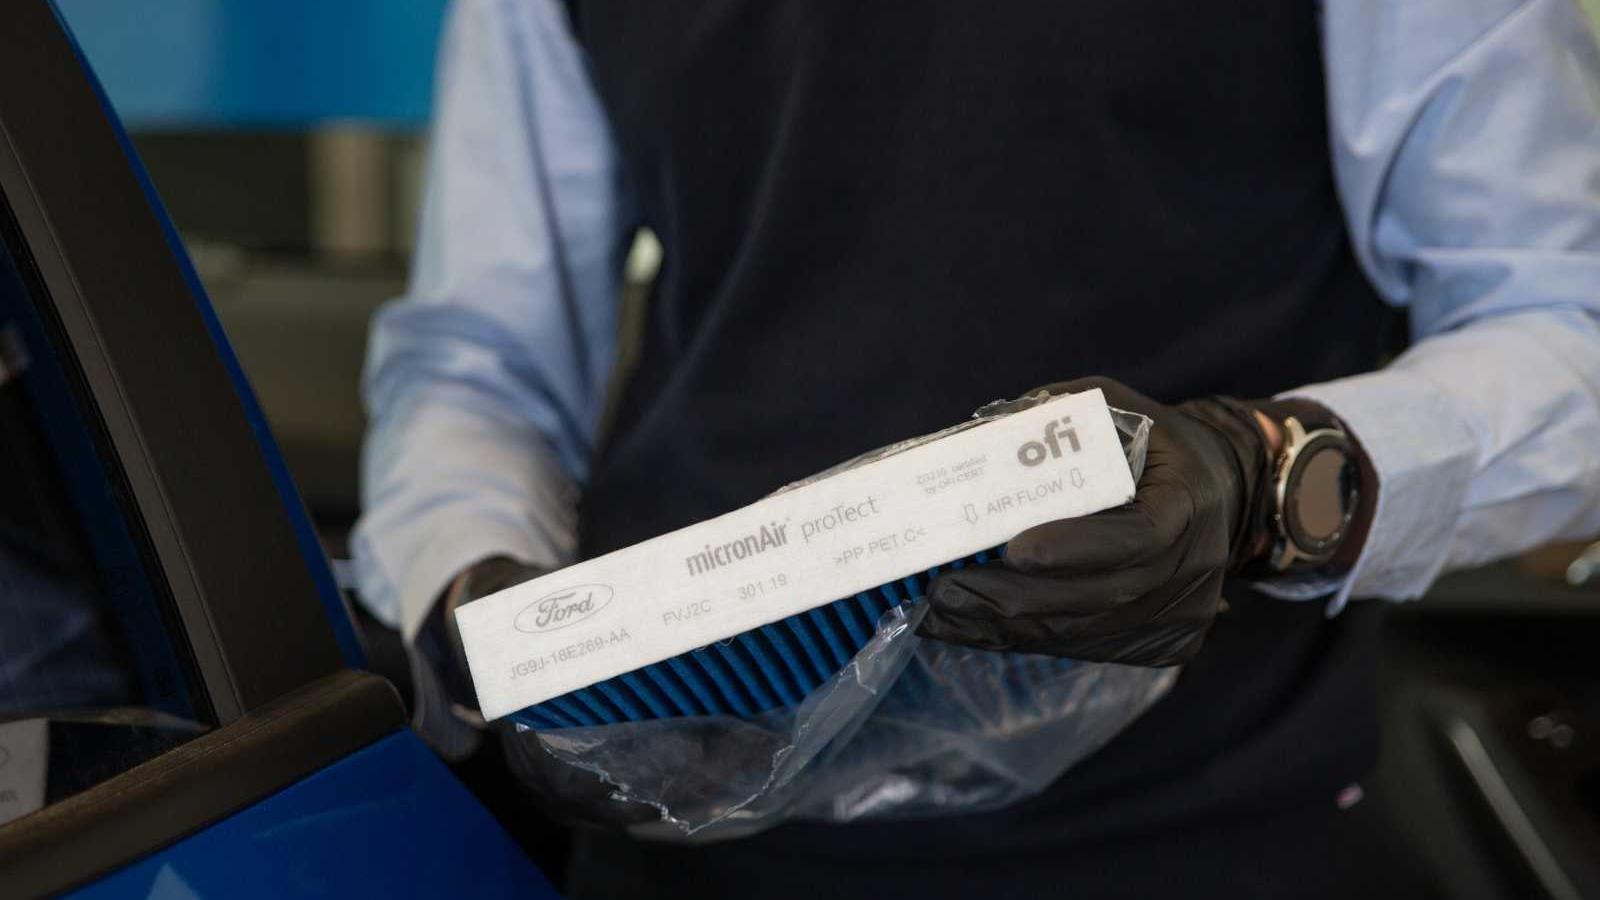 Nový Ford micronAir proTect filtr chrání před viry